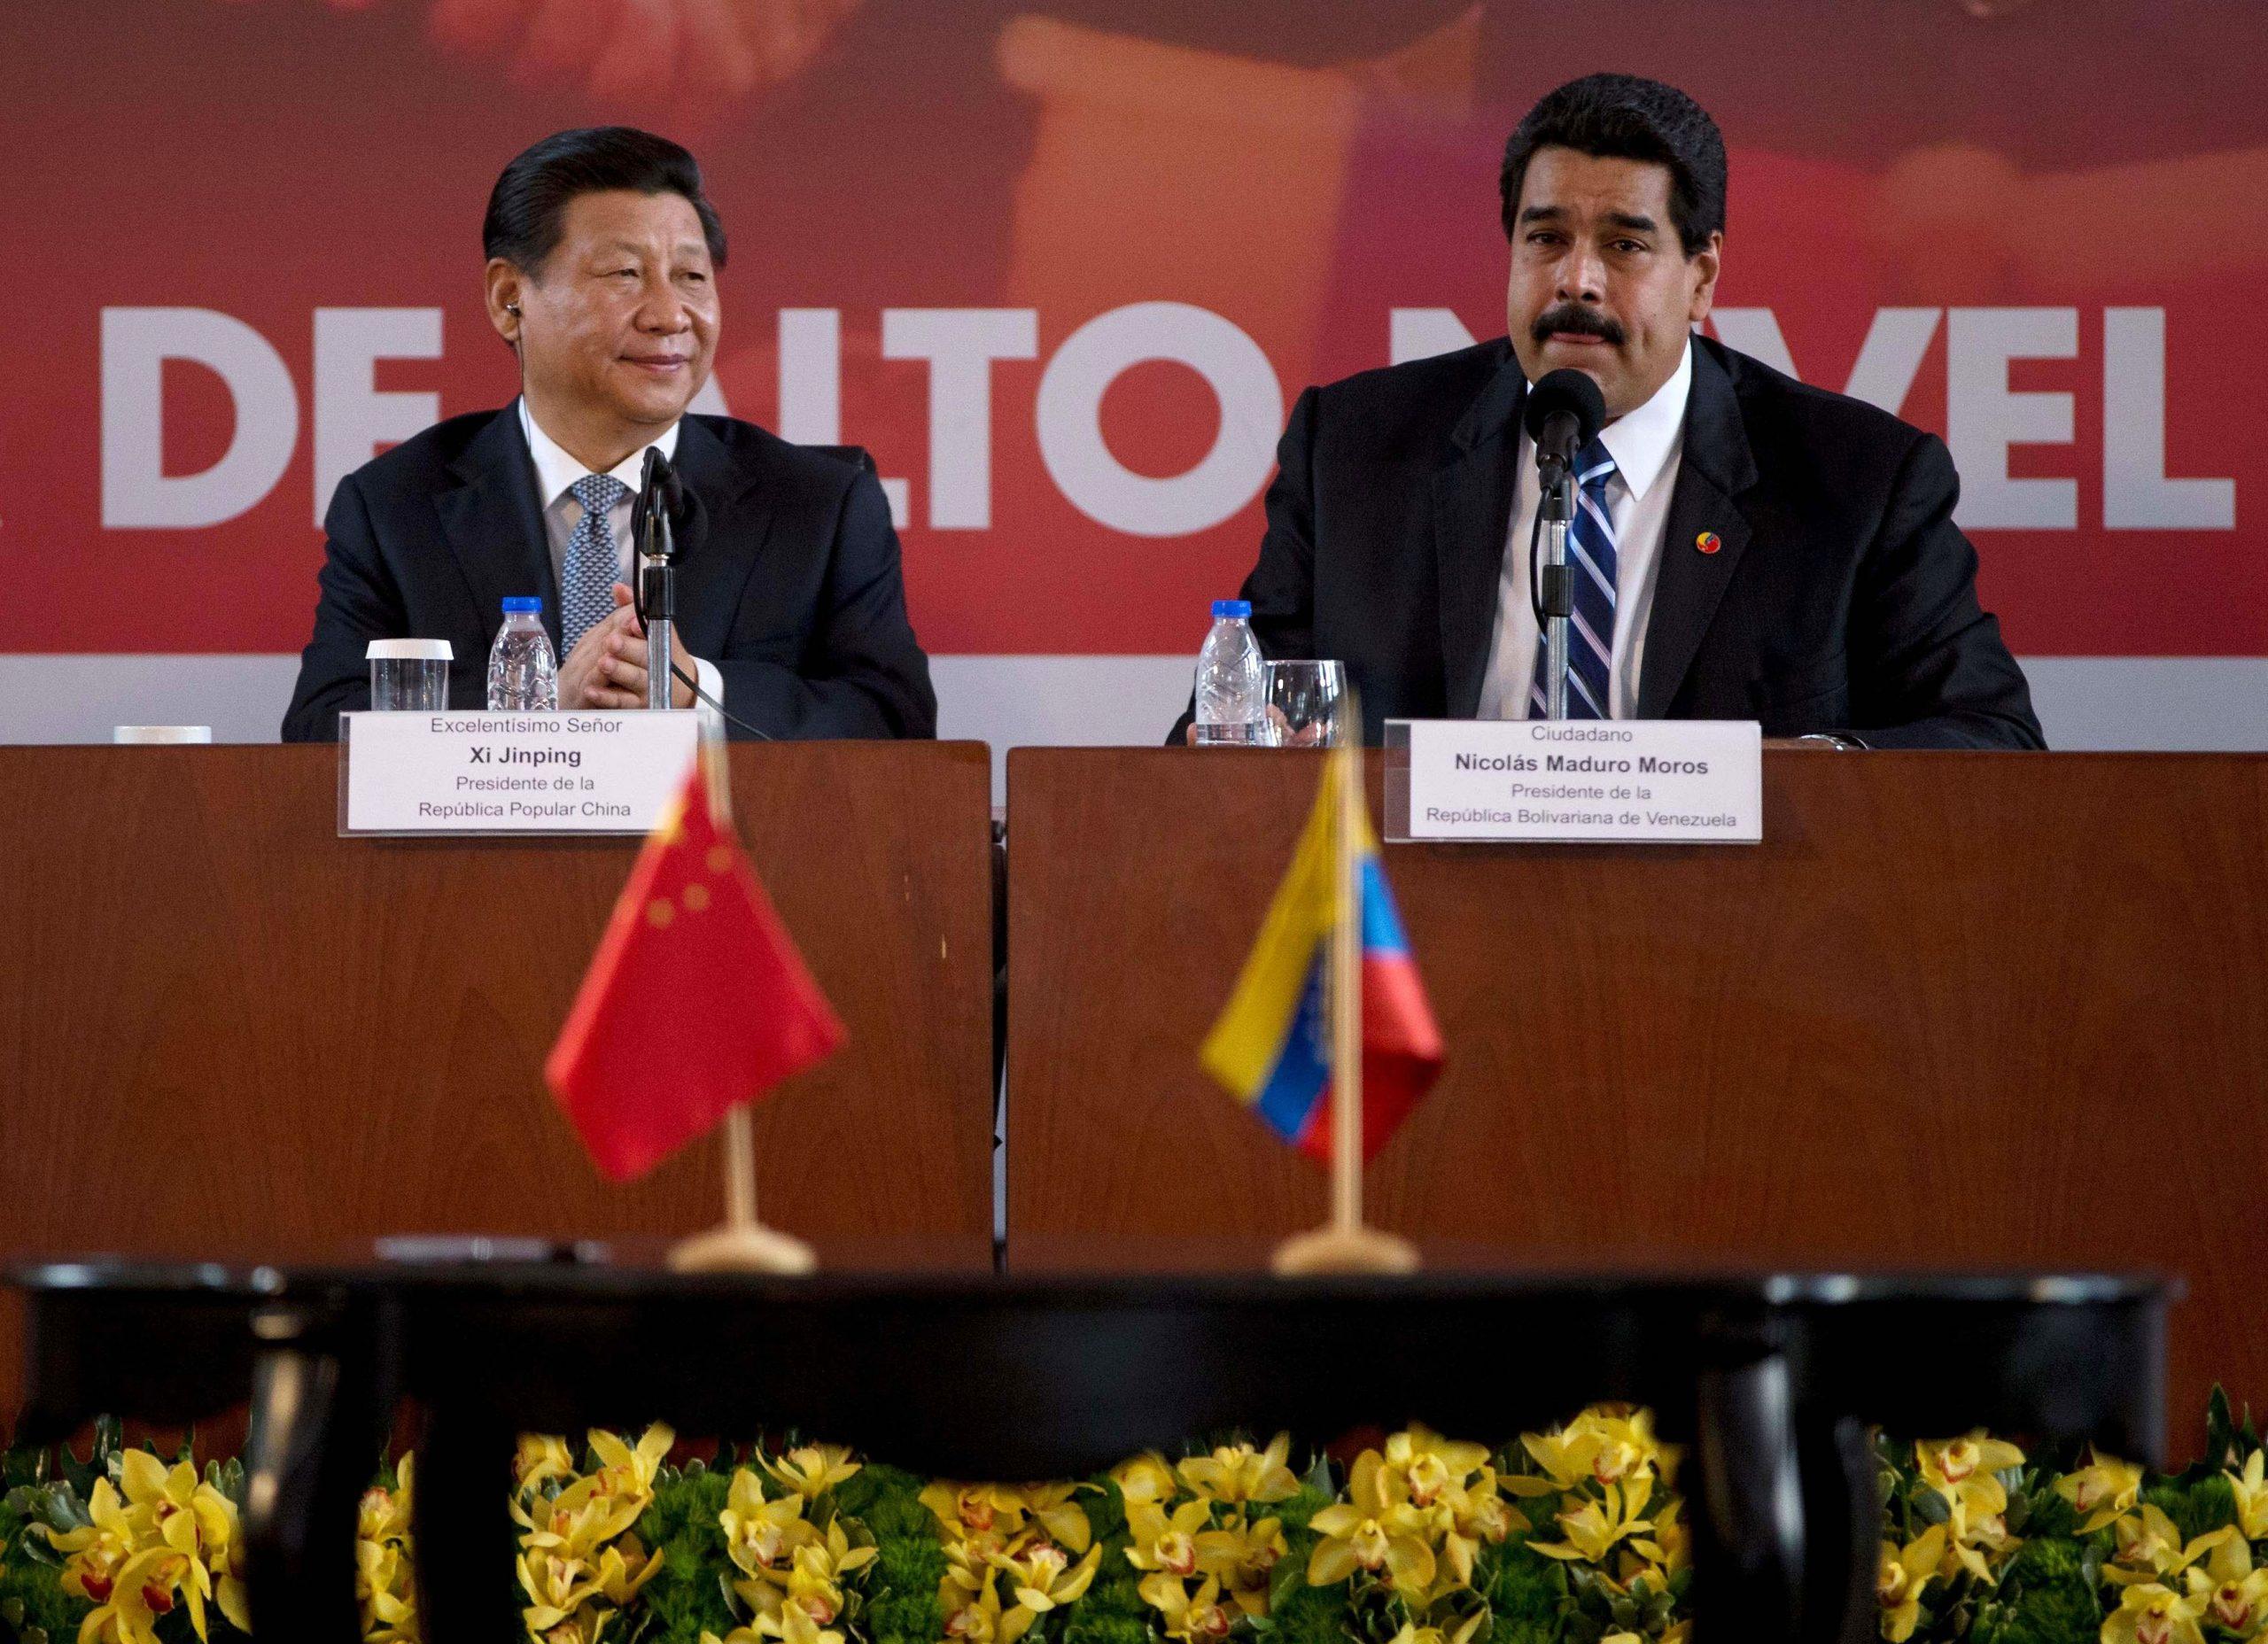 Transparencia Venezuela: Negocios chinos, acuerdos que socavaron la democracia